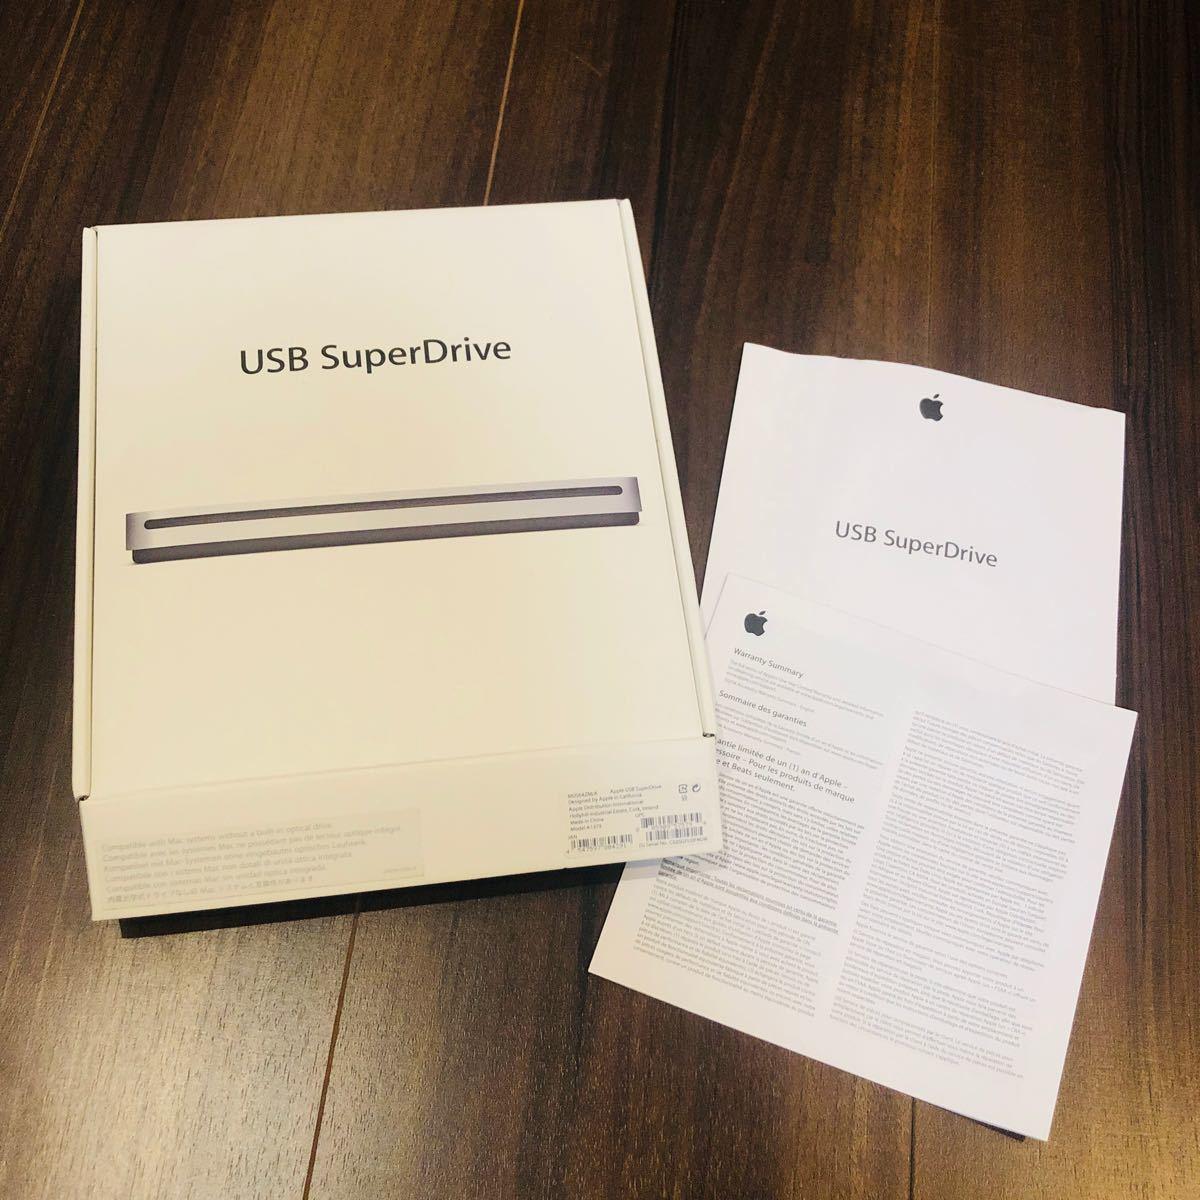 SuperDrive Apple 外付けDVDドライブ スーパードライブ USB DVDドライブ 箱のみ